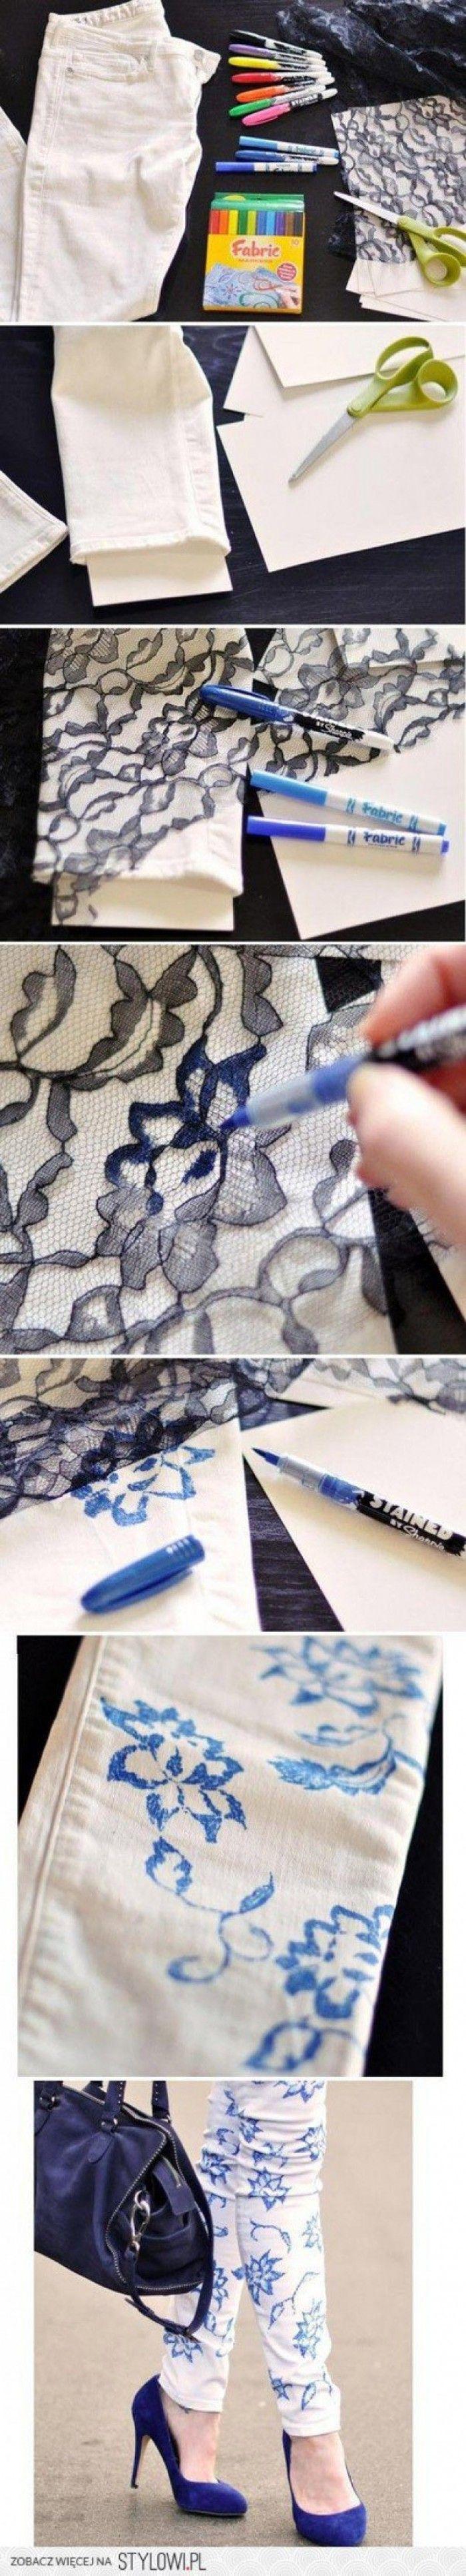 Coole Idee um alte Klamotten zu verschönern